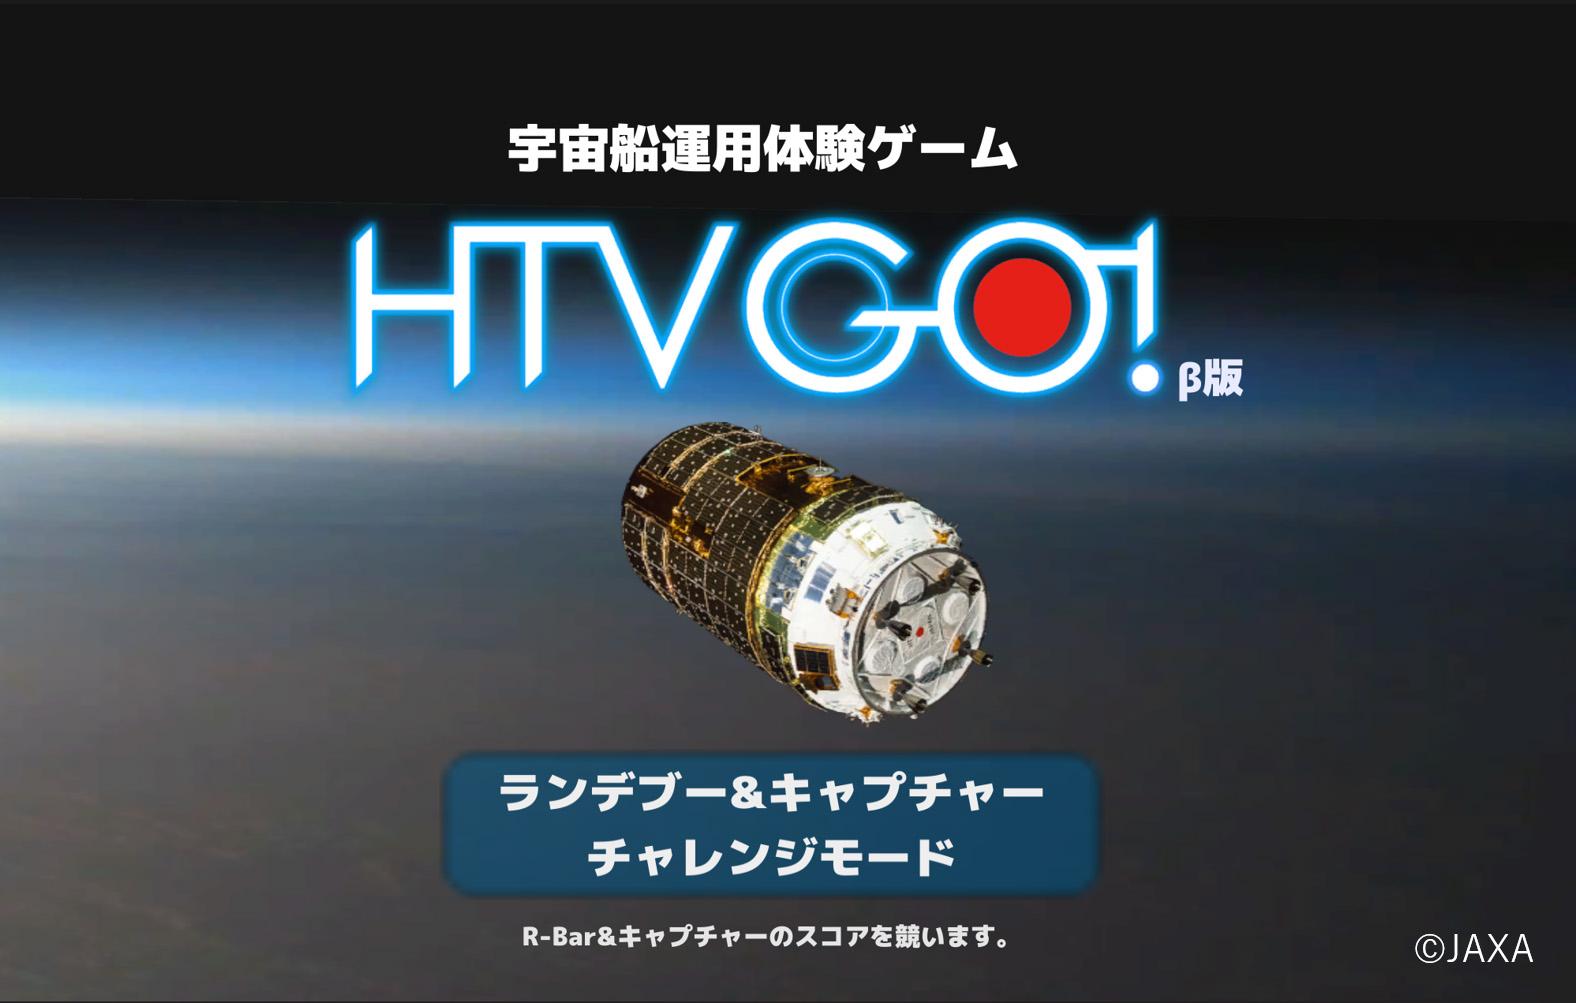 「こうのとり」とロボットアームを自分で動かしてみよう!宇宙船運用体験ゲーム「HTV GO!(β版)」を公開